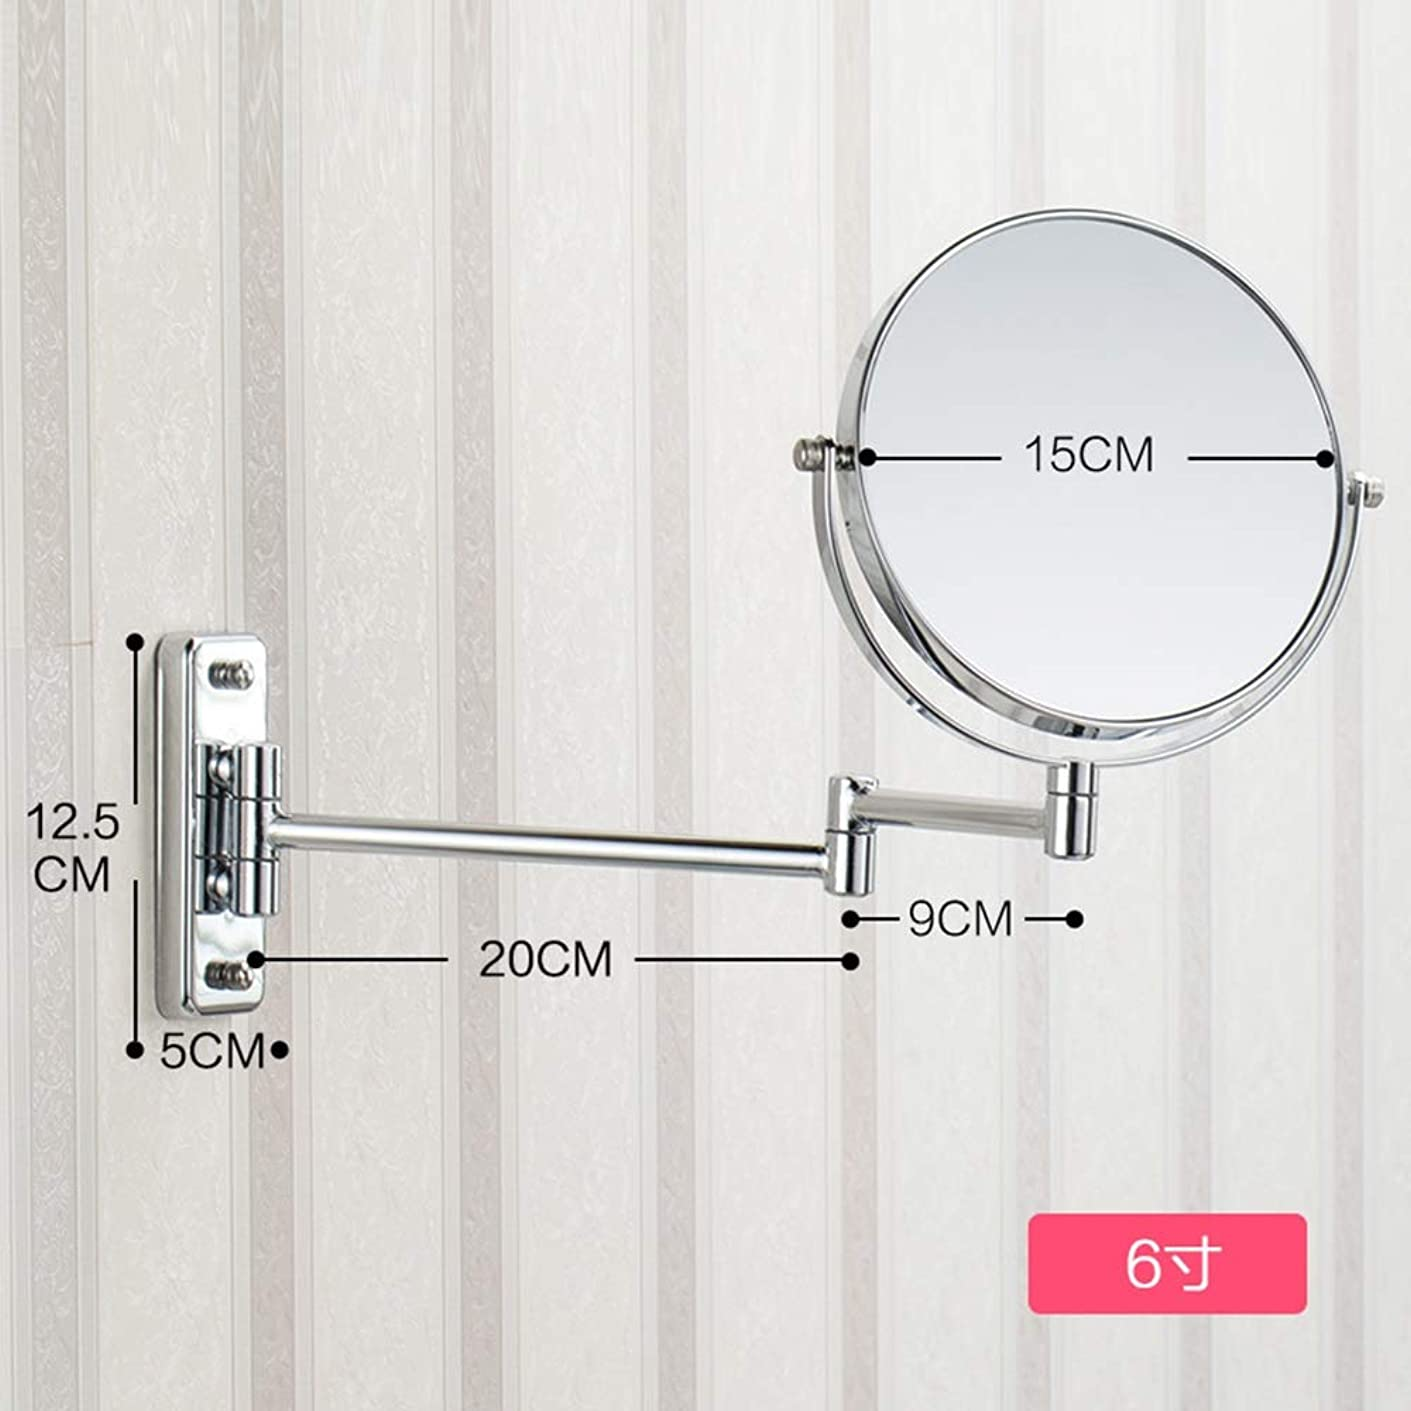 照明付き化粧鏡 8.66インチ3倍拡大壁マウント化粧鏡バスルームミラー両面回転ポリッシュクローム仕上げ 化粧鏡 (Size : 6 inches 3X)